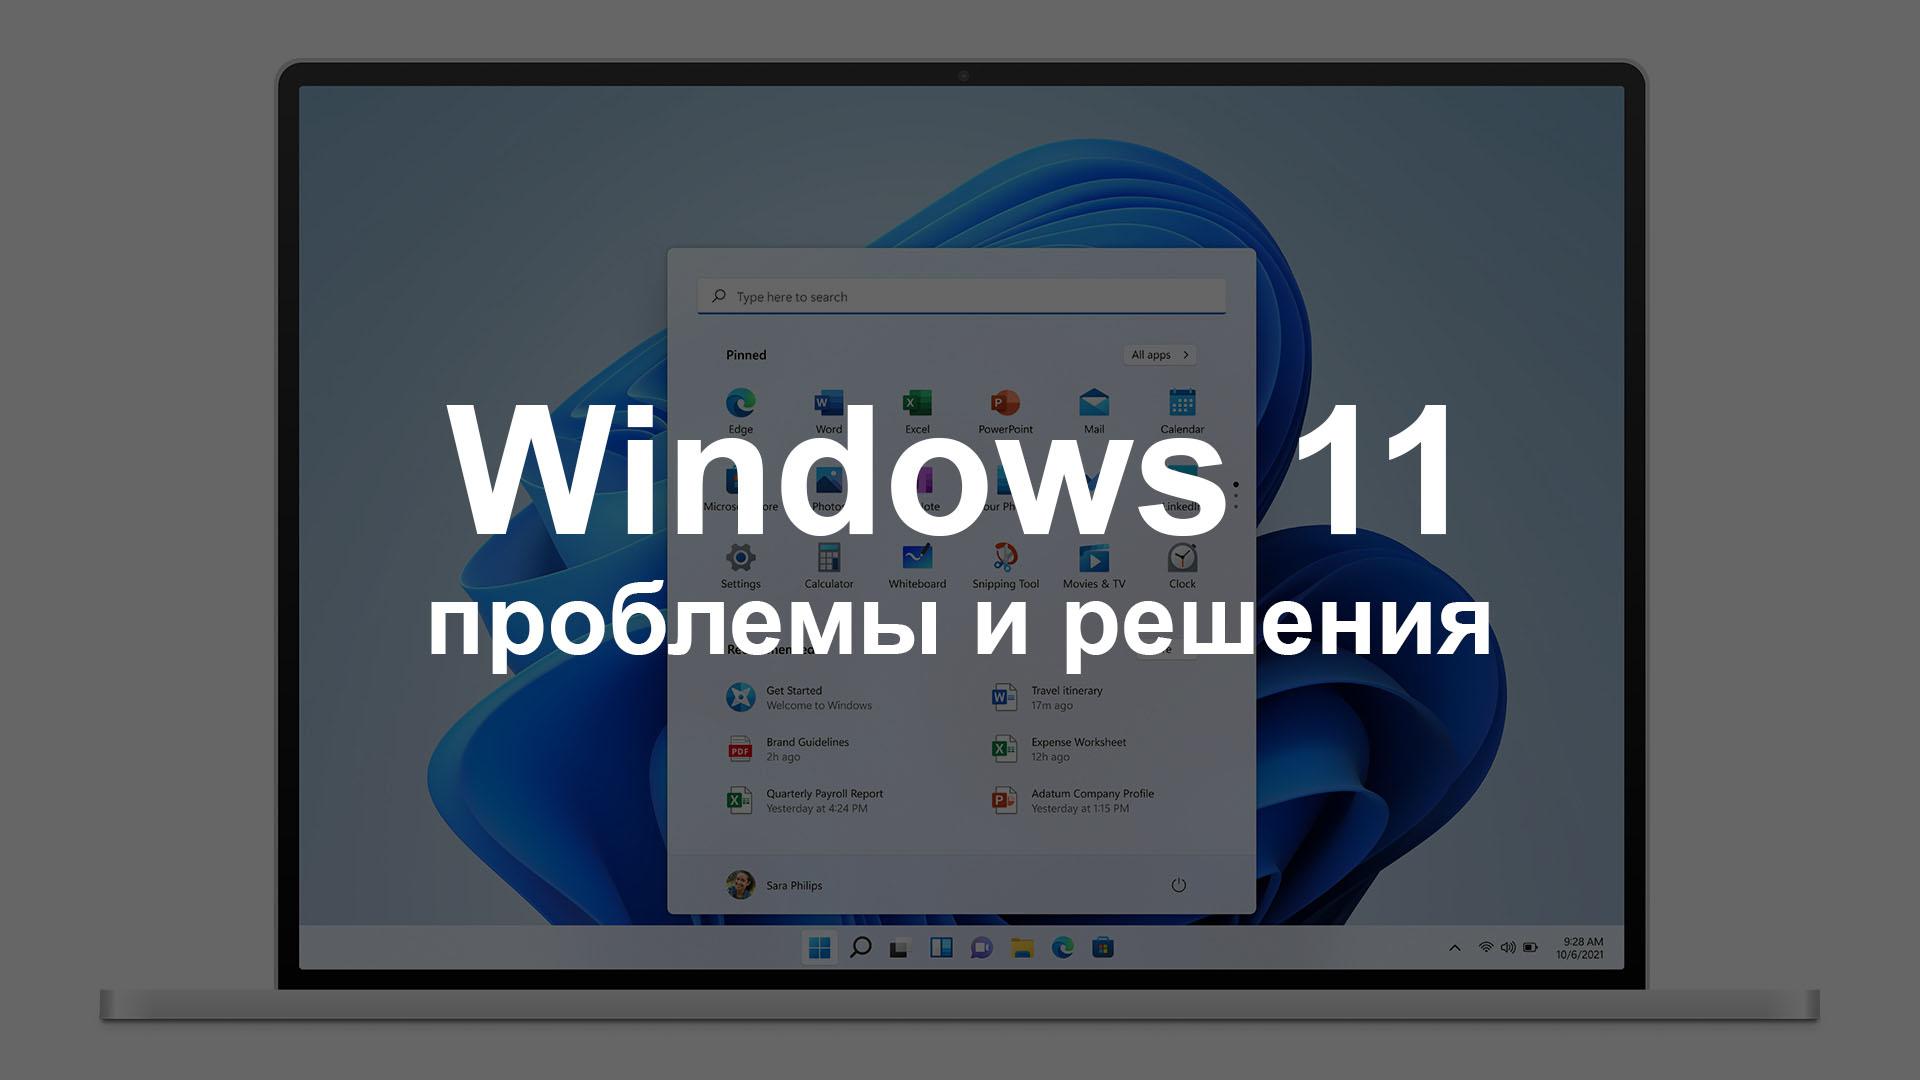 Варианты решения проблем, найденных в Windows 11 Build 22000.51